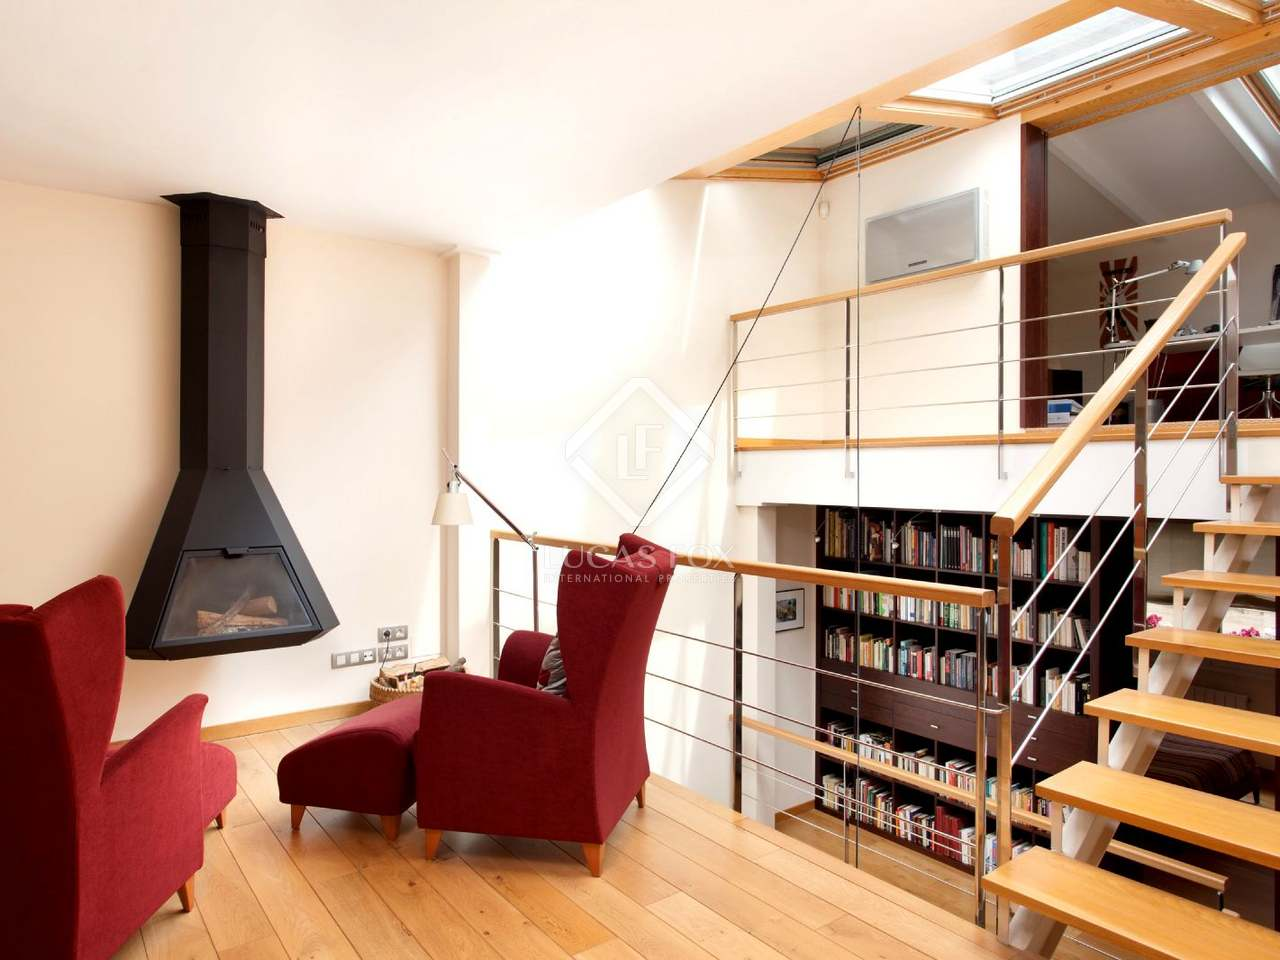 maison en vente dans le quartier de l 39 eixample de barcelone. Black Bedroom Furniture Sets. Home Design Ideas